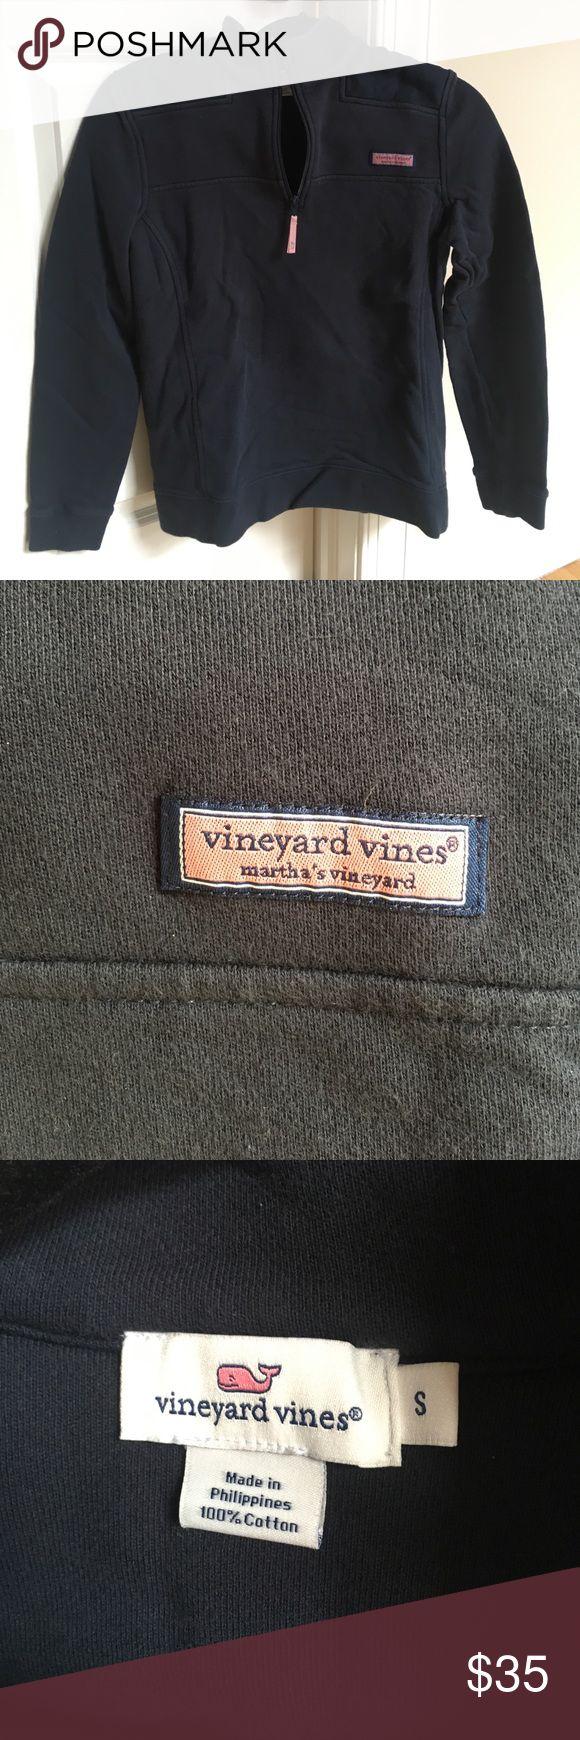 Vineyard Vine's Women's Shep Shirt navy women's small shep shirt, gently worn... willing to negotiate price! Vineyard Vines Tops Sweatshirts & Hoodies